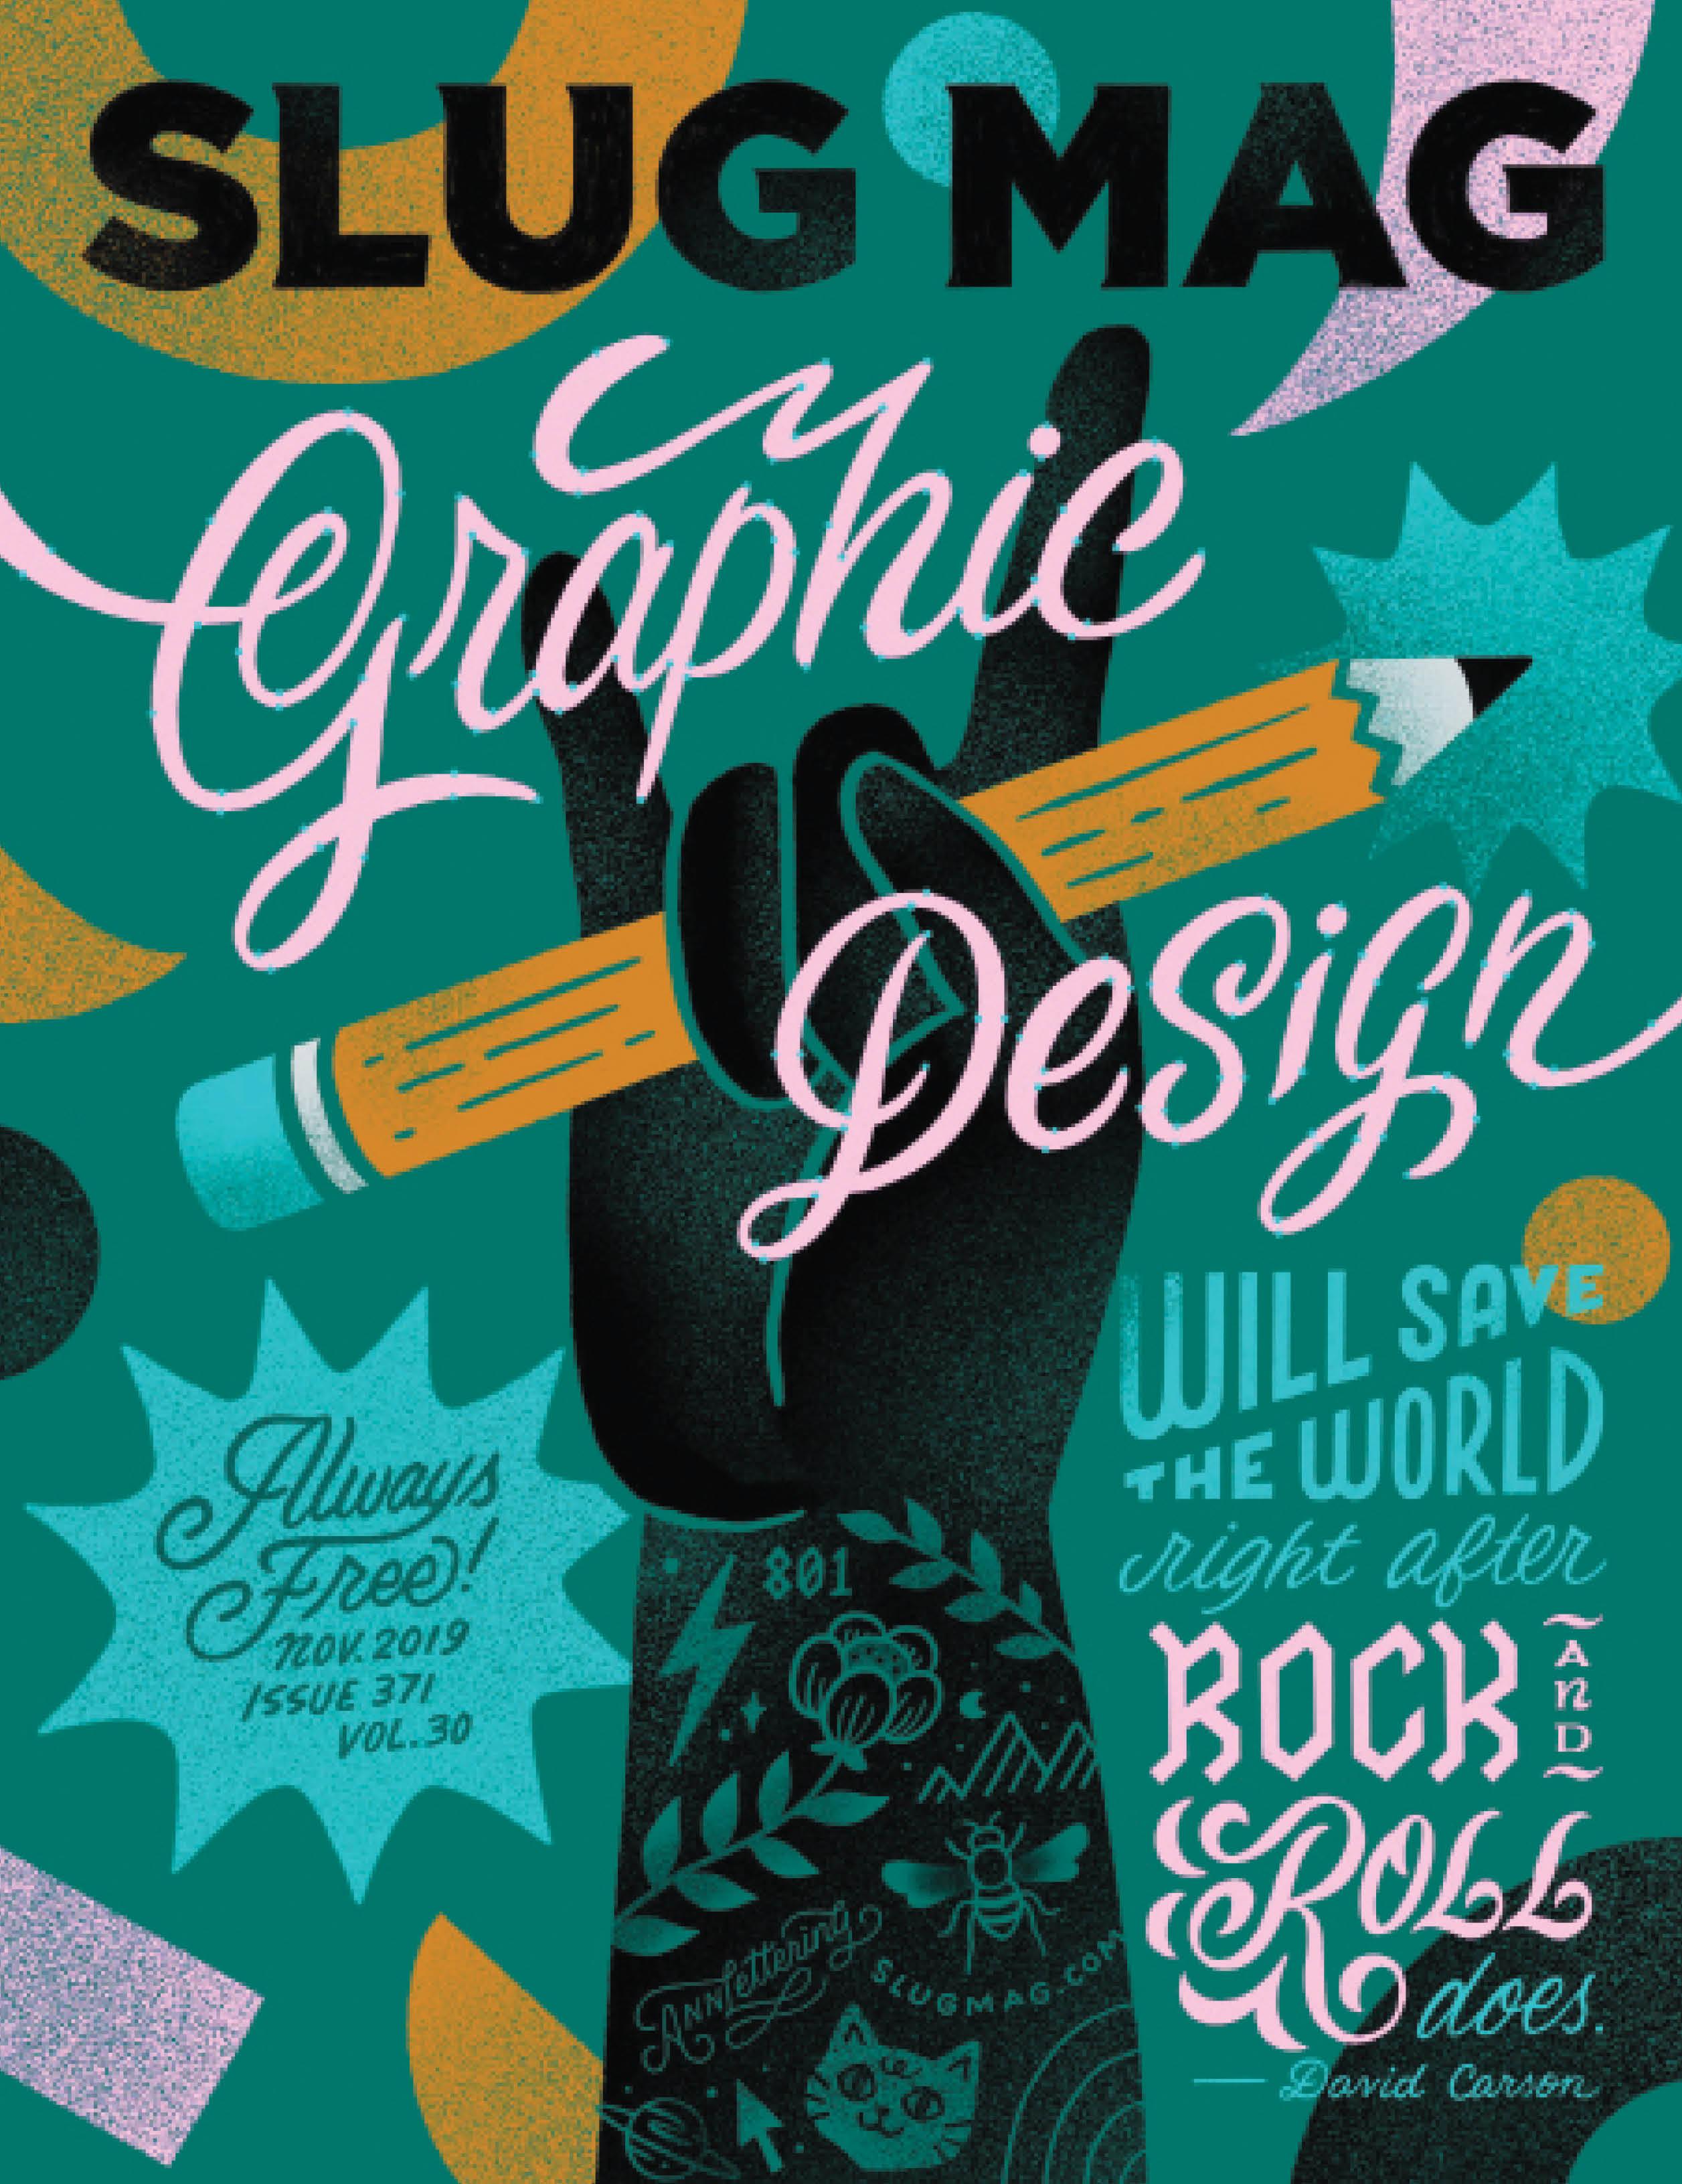 Issue 371 – November 2019 cover art